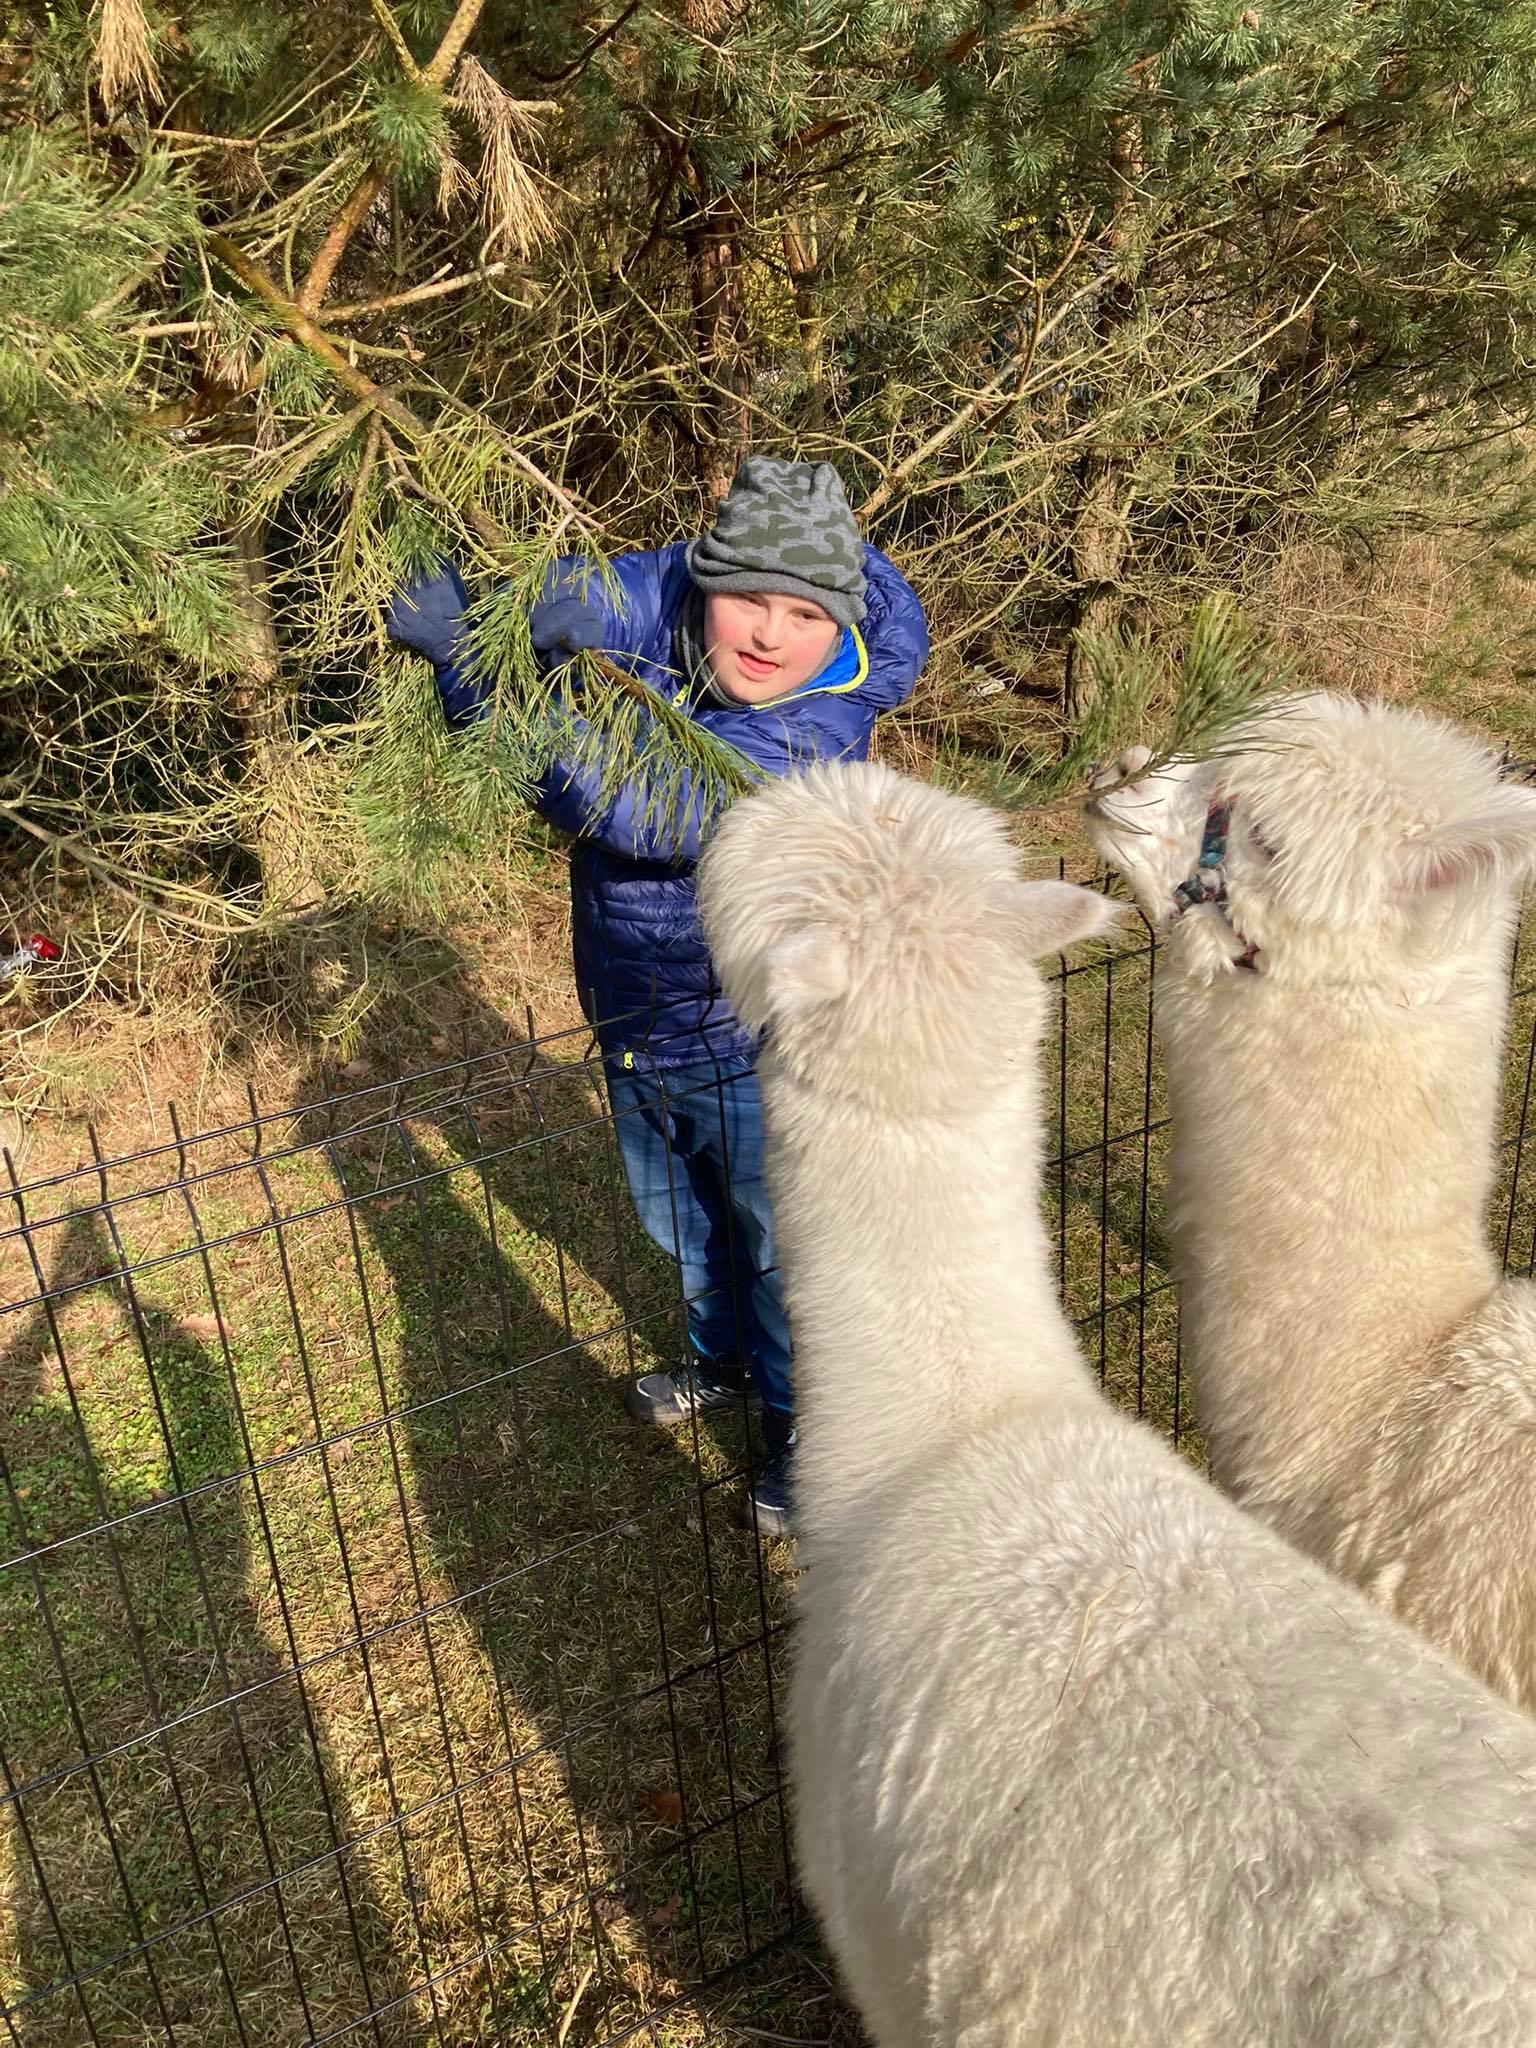 Powitanie ucznia z alpakami